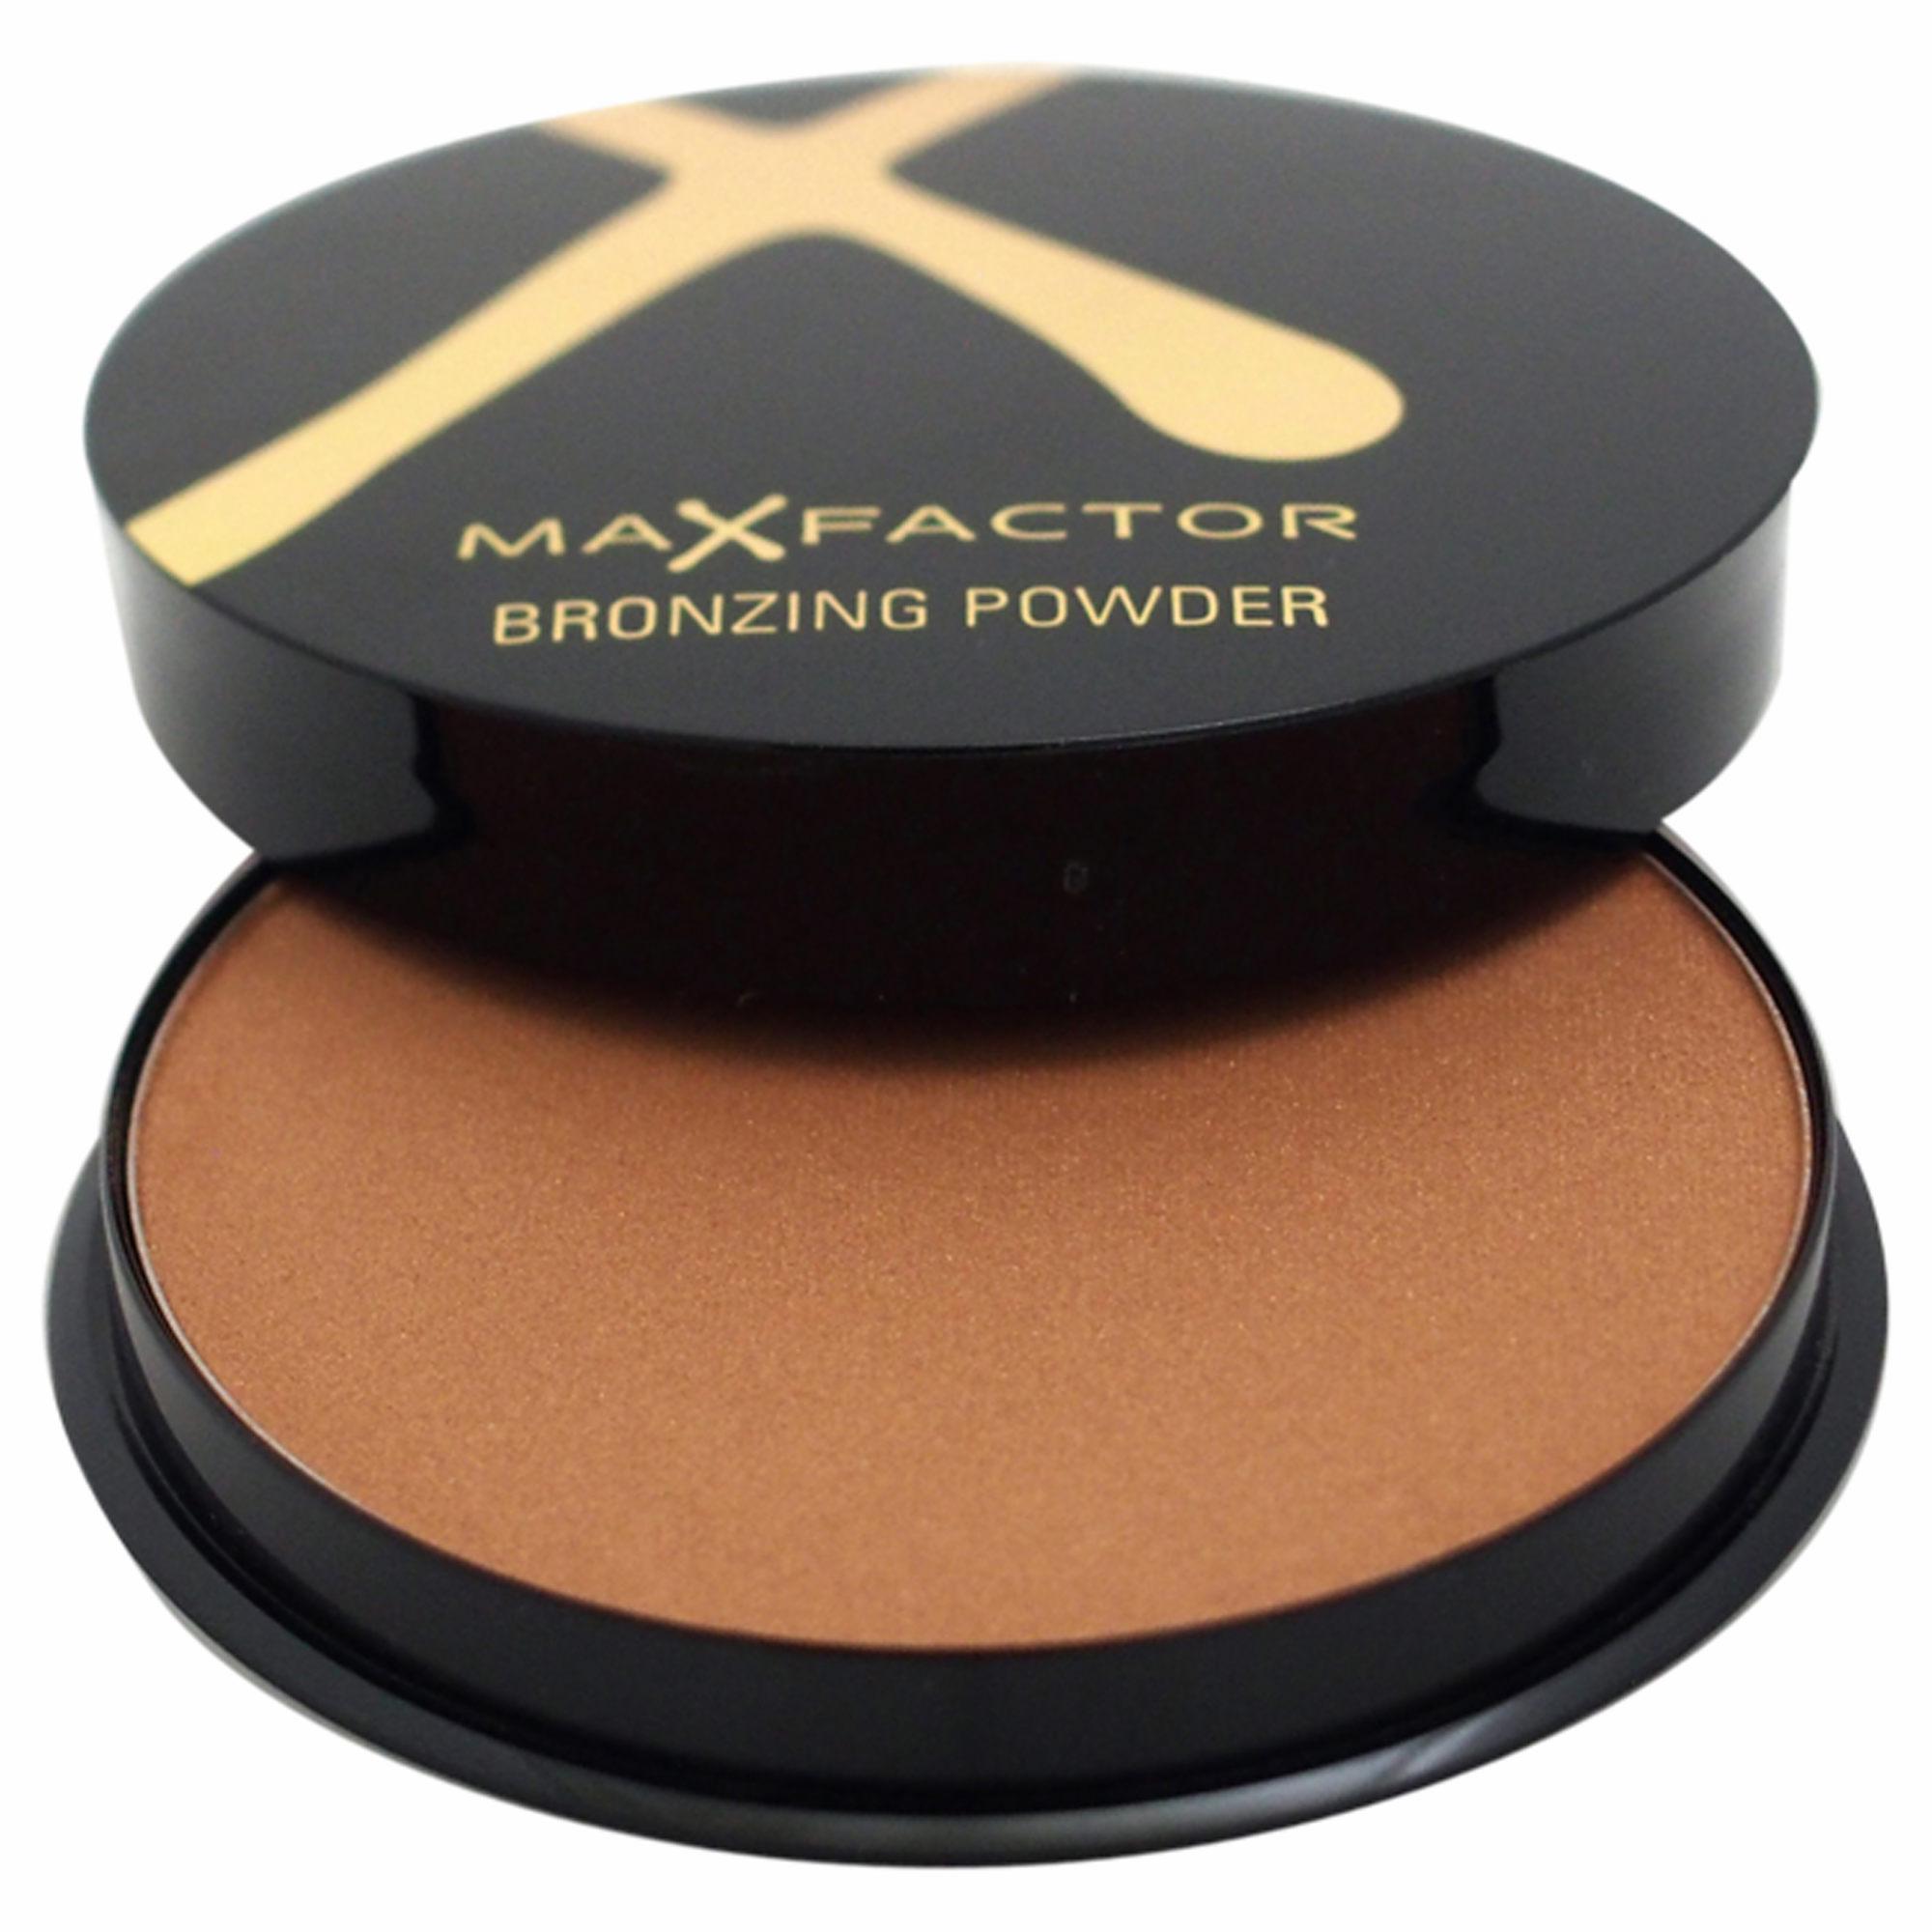 Max Factor Bronzing Powder - Golden